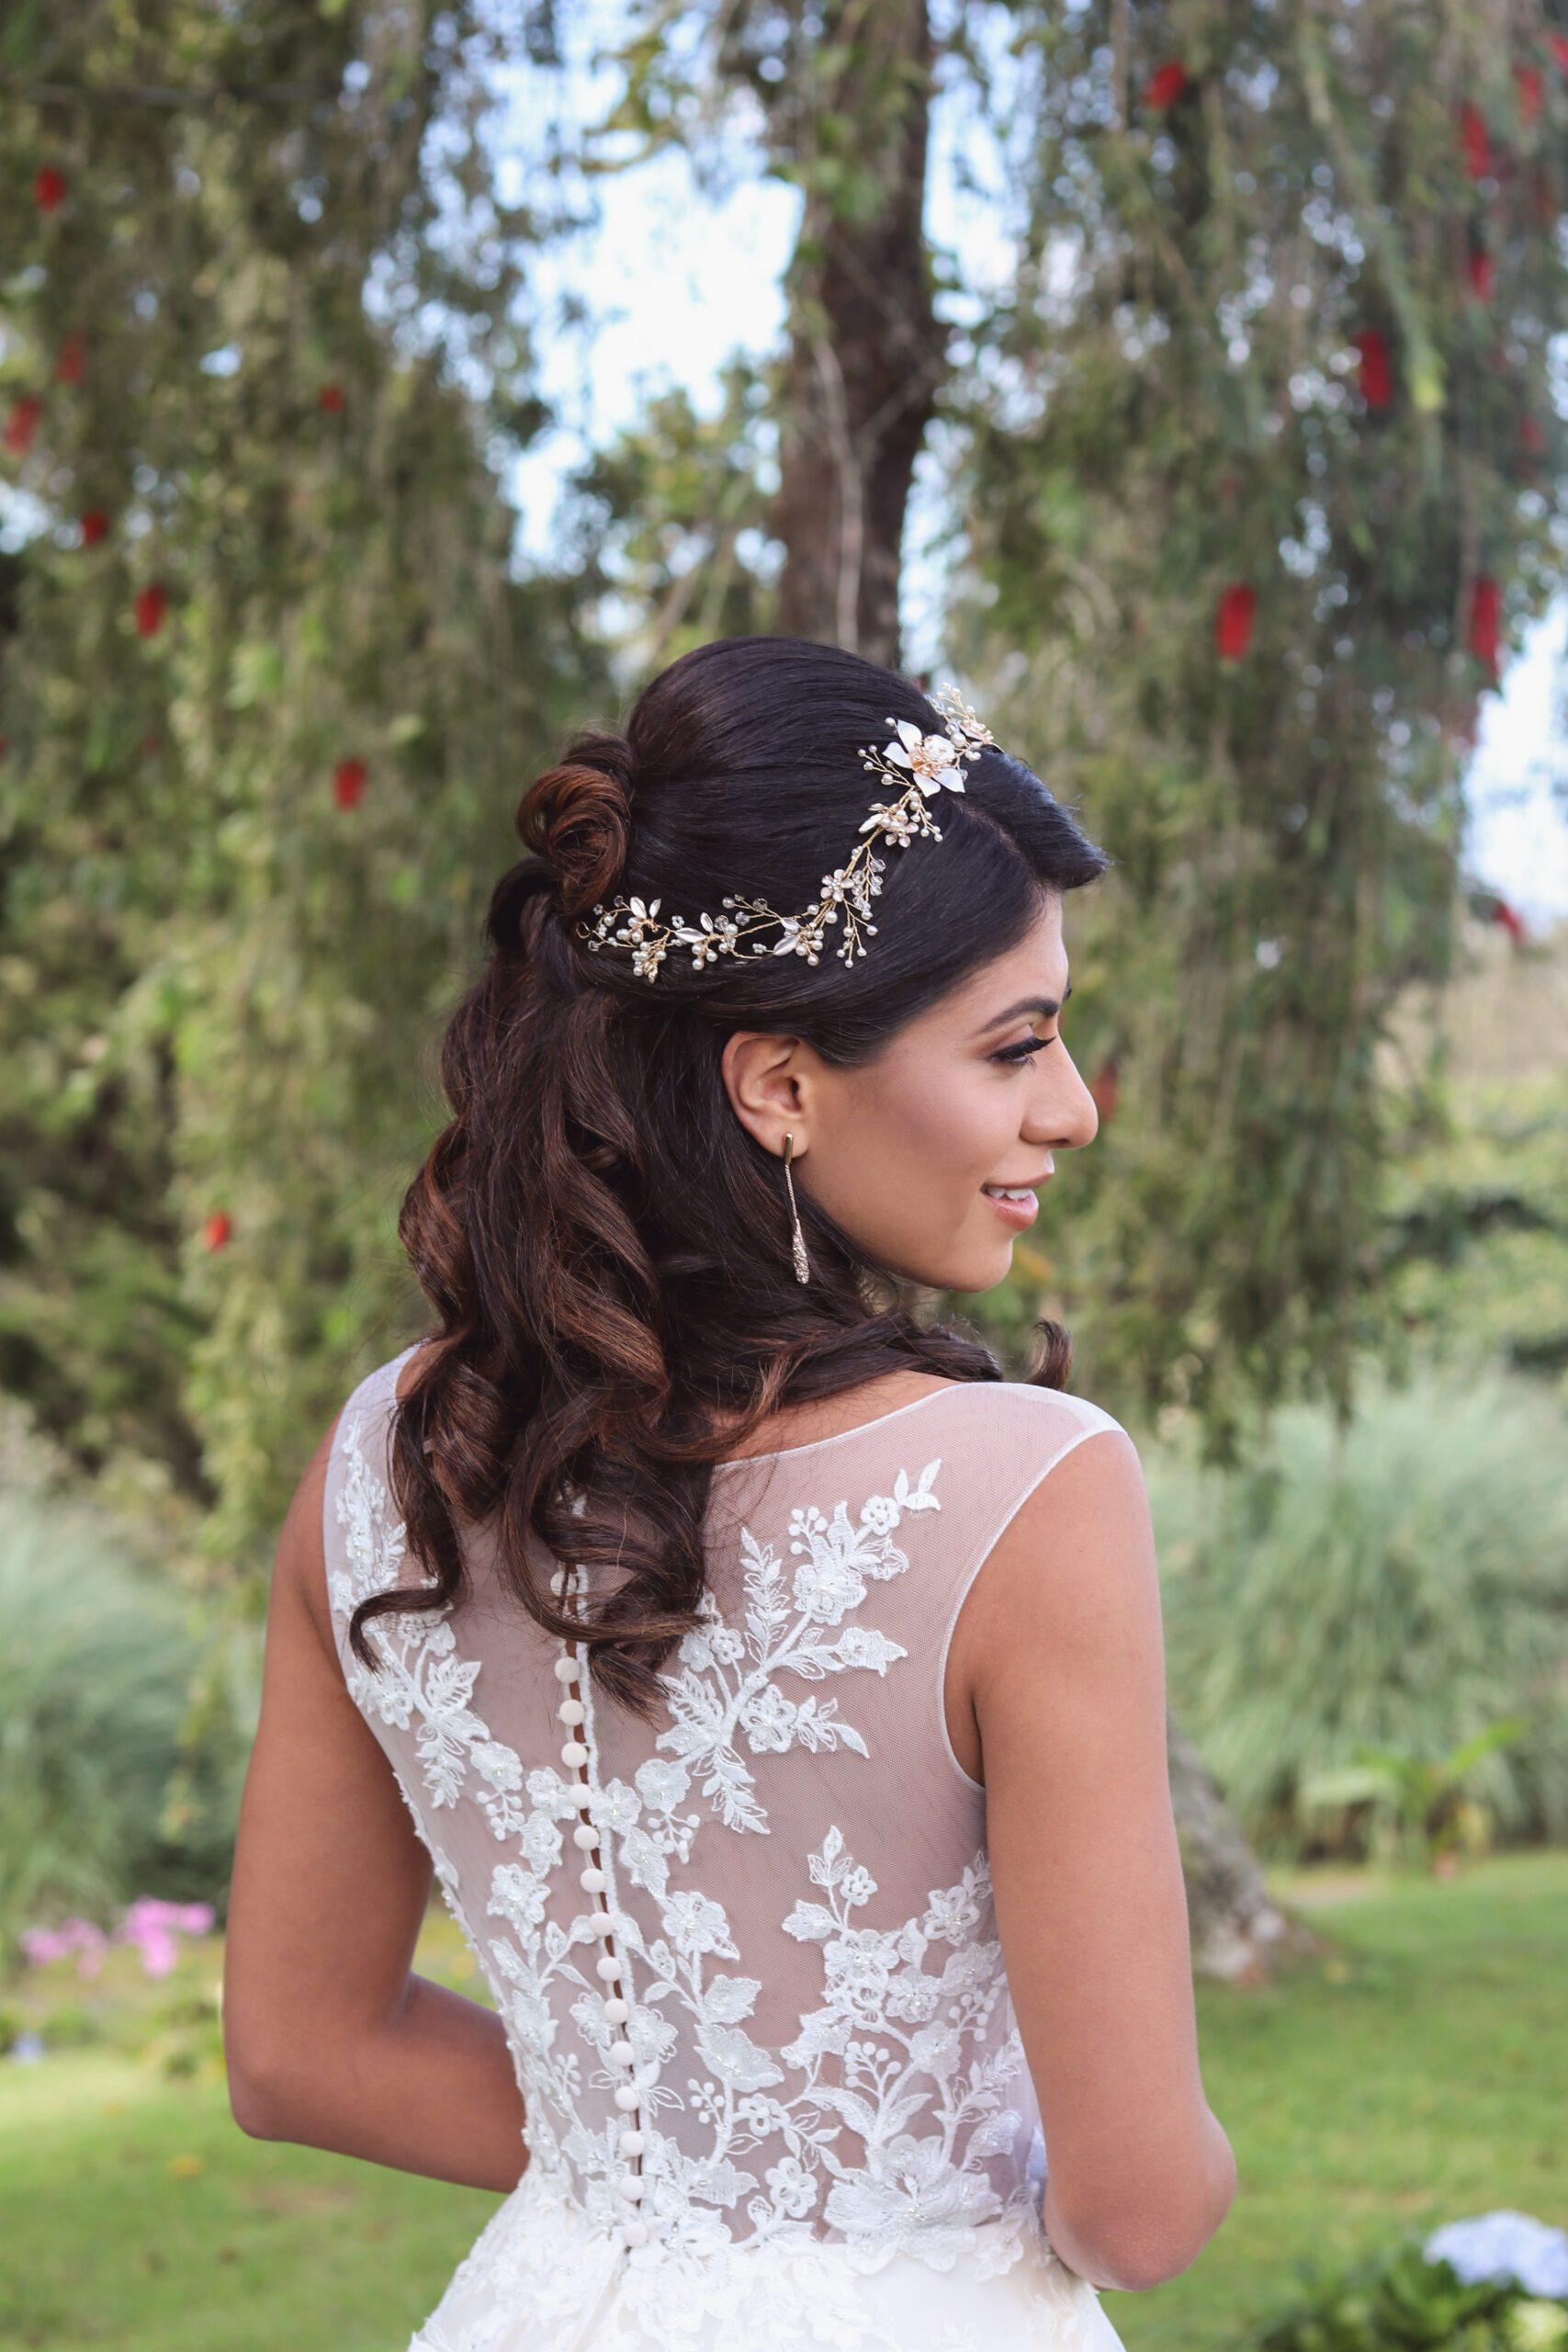 Chica en jardin con vestido de novia blanco tipo princesa